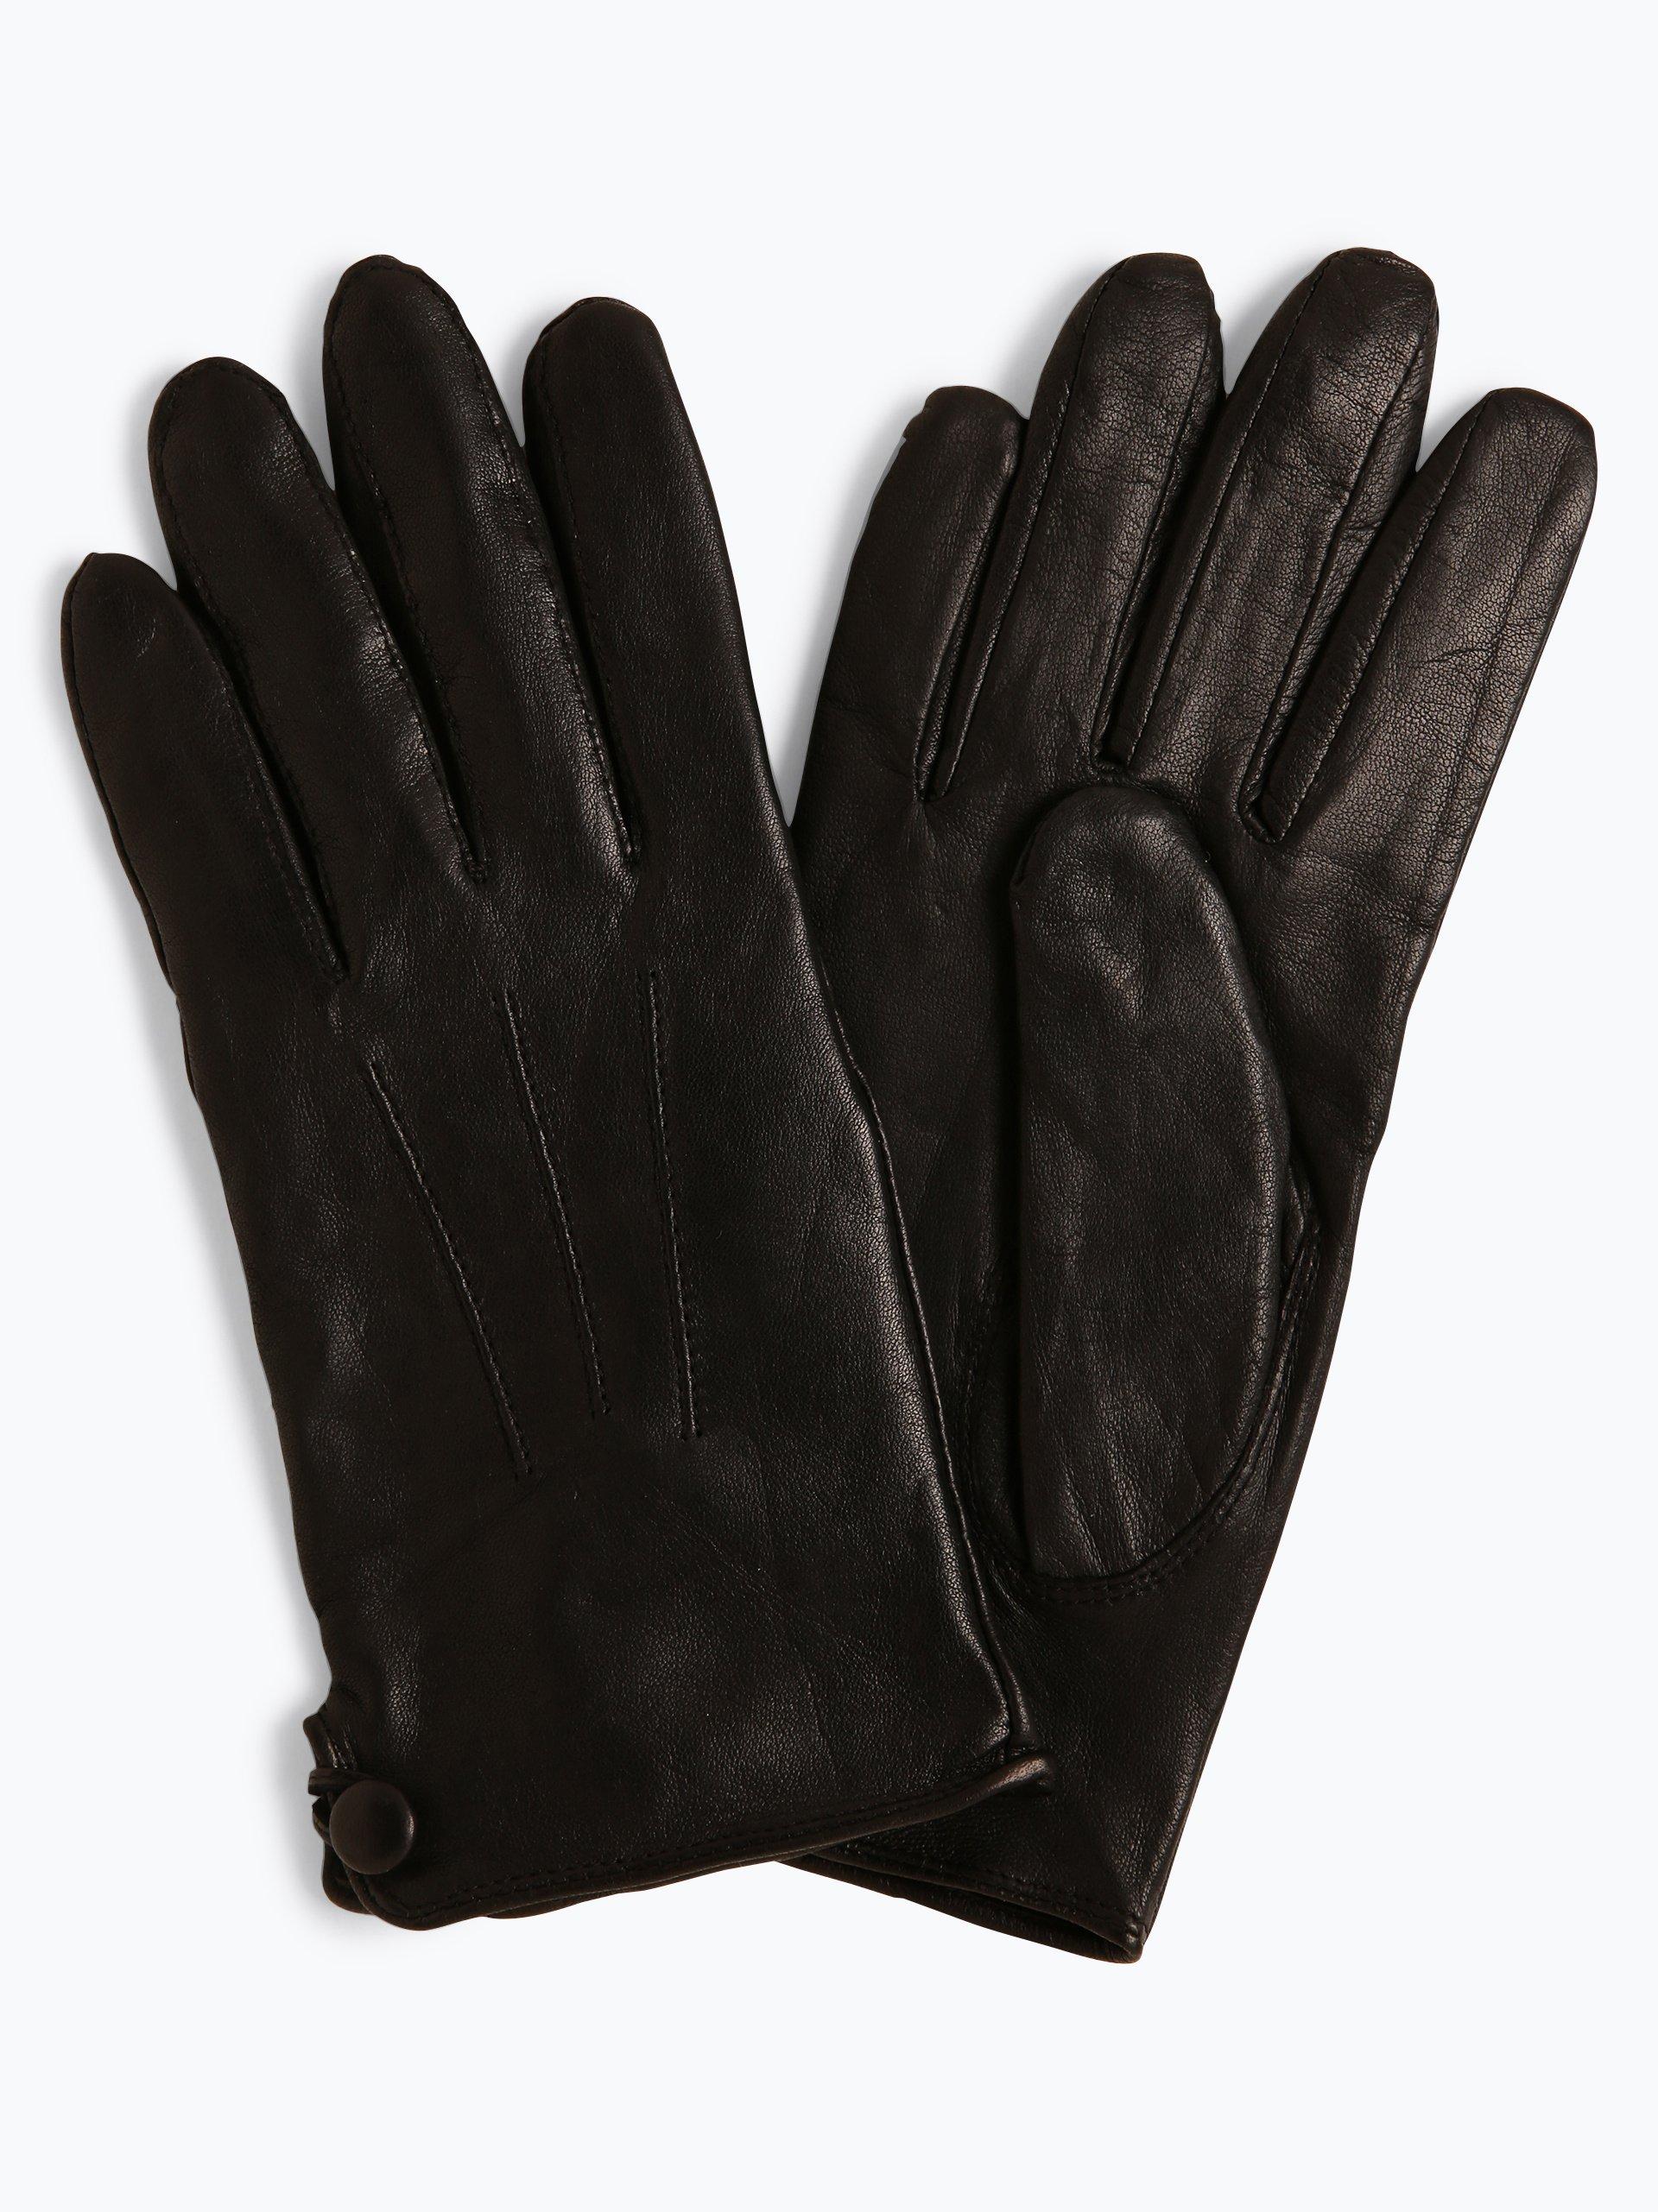 EEM Damen Handschuhe aus Leder